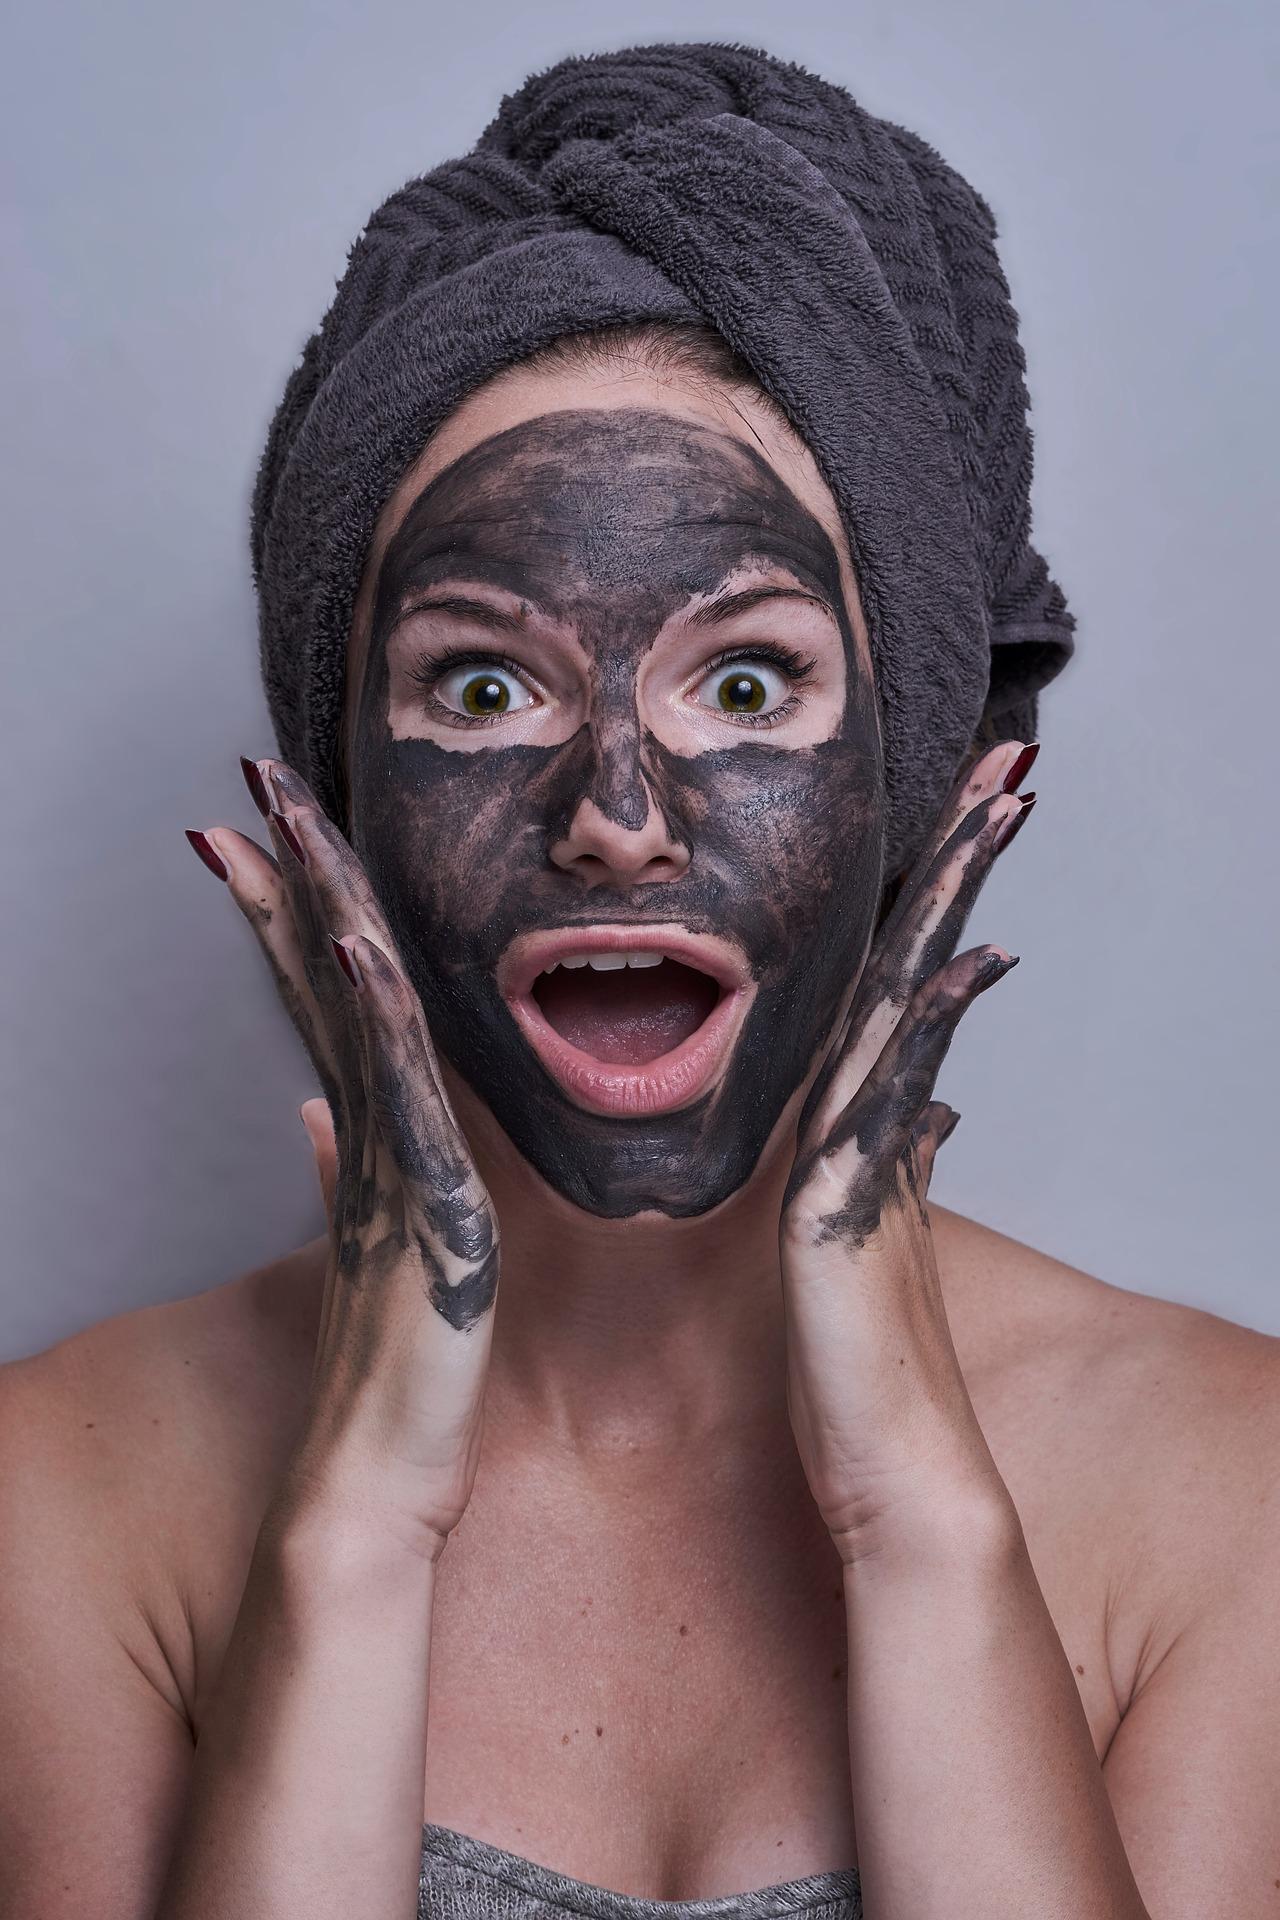 Comment bien appliquer un masque et un gommage - Mon peau de crème - émonoé